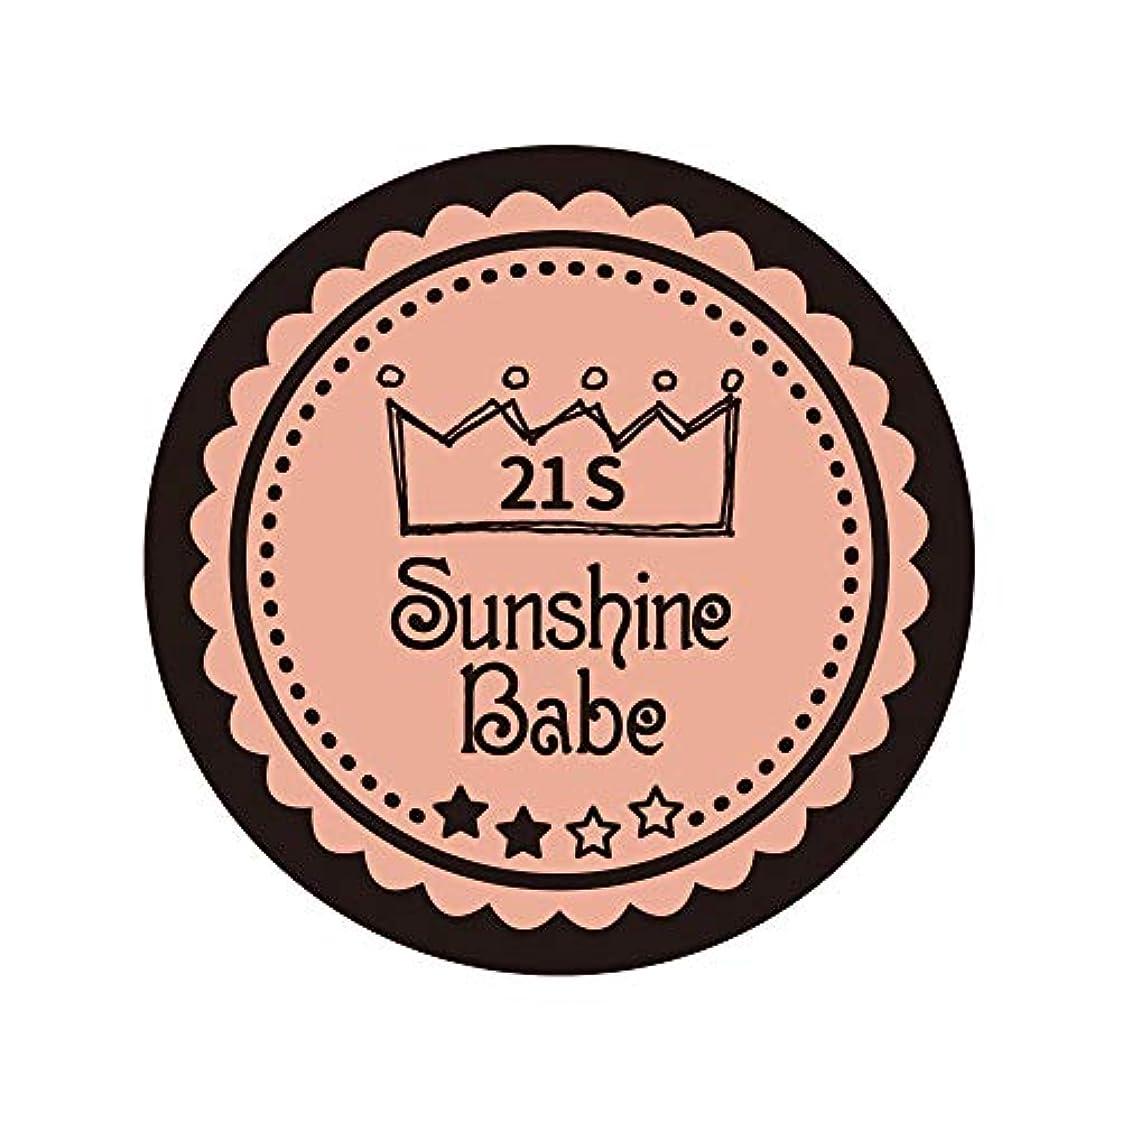 パーティーにおいオーナーSunshine Babe カラージェル 21S アロンピンク 2.7g UV/LED対応